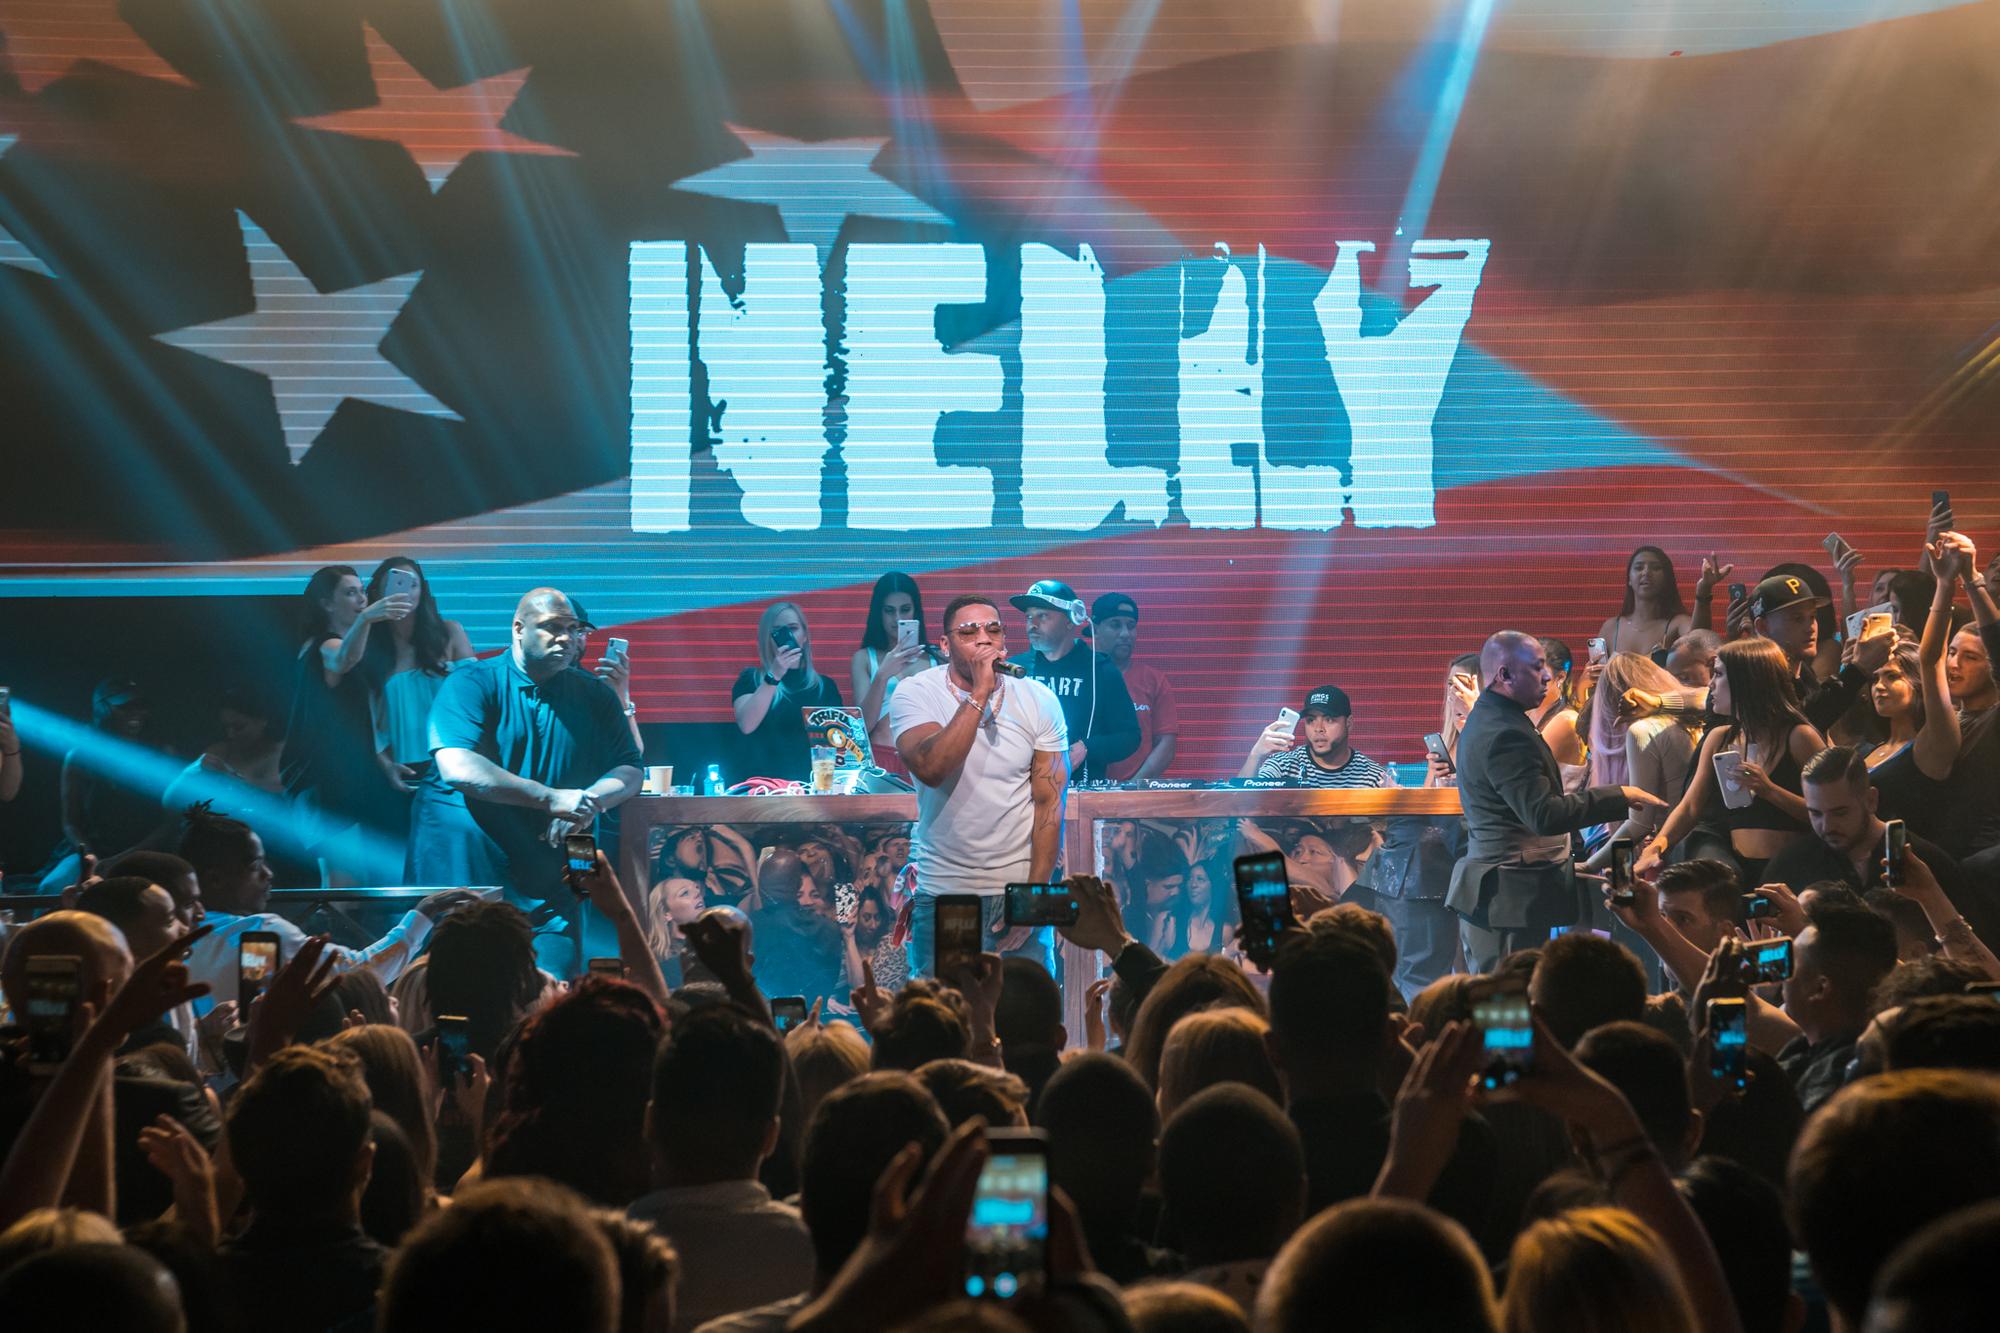 05.25.18 Parq - Nelly--1.jpg